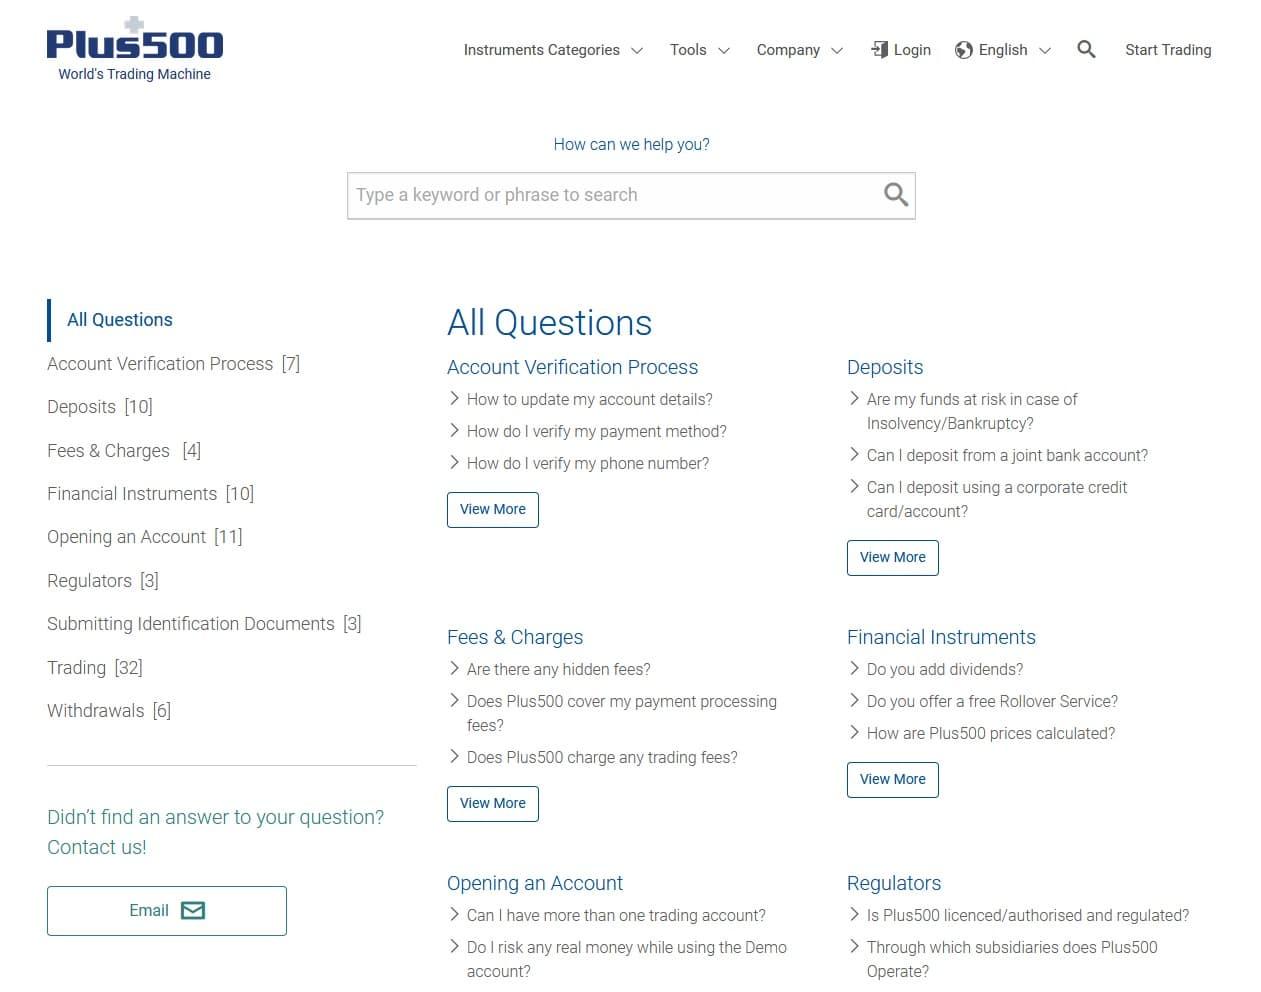 Plus500 FAQ page